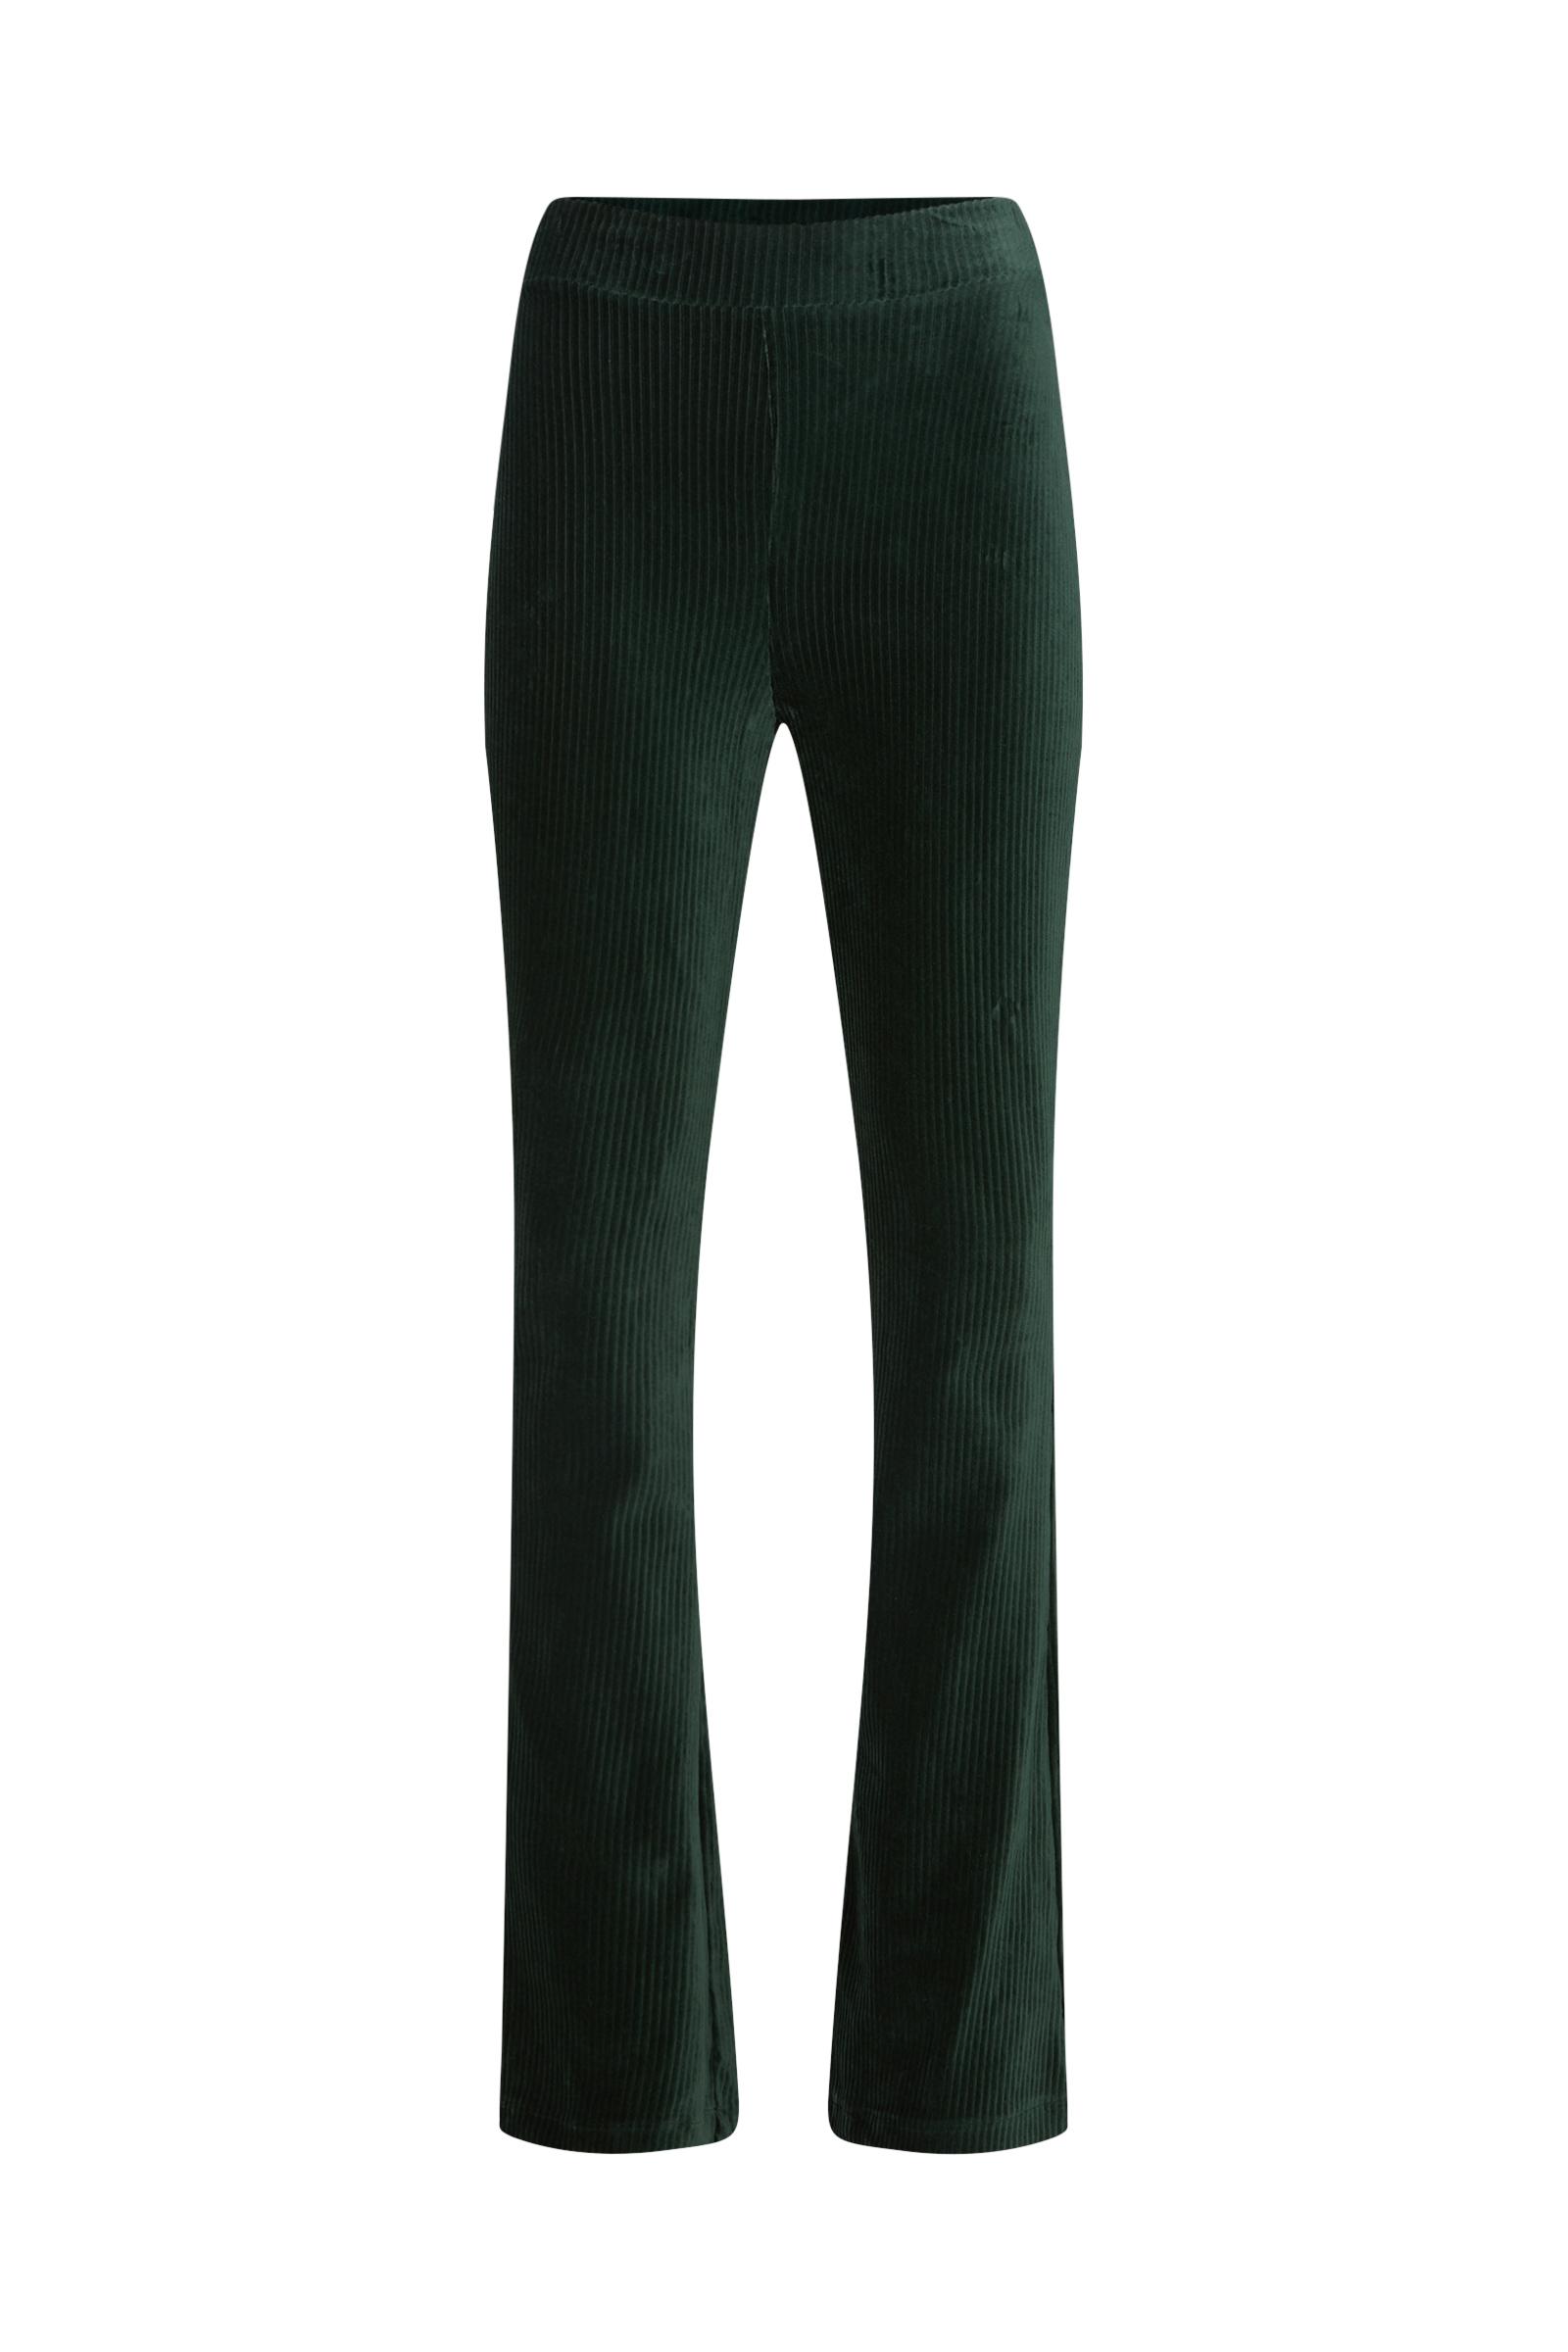 Dames flared broek van ribstof   95354002 WE Fashion